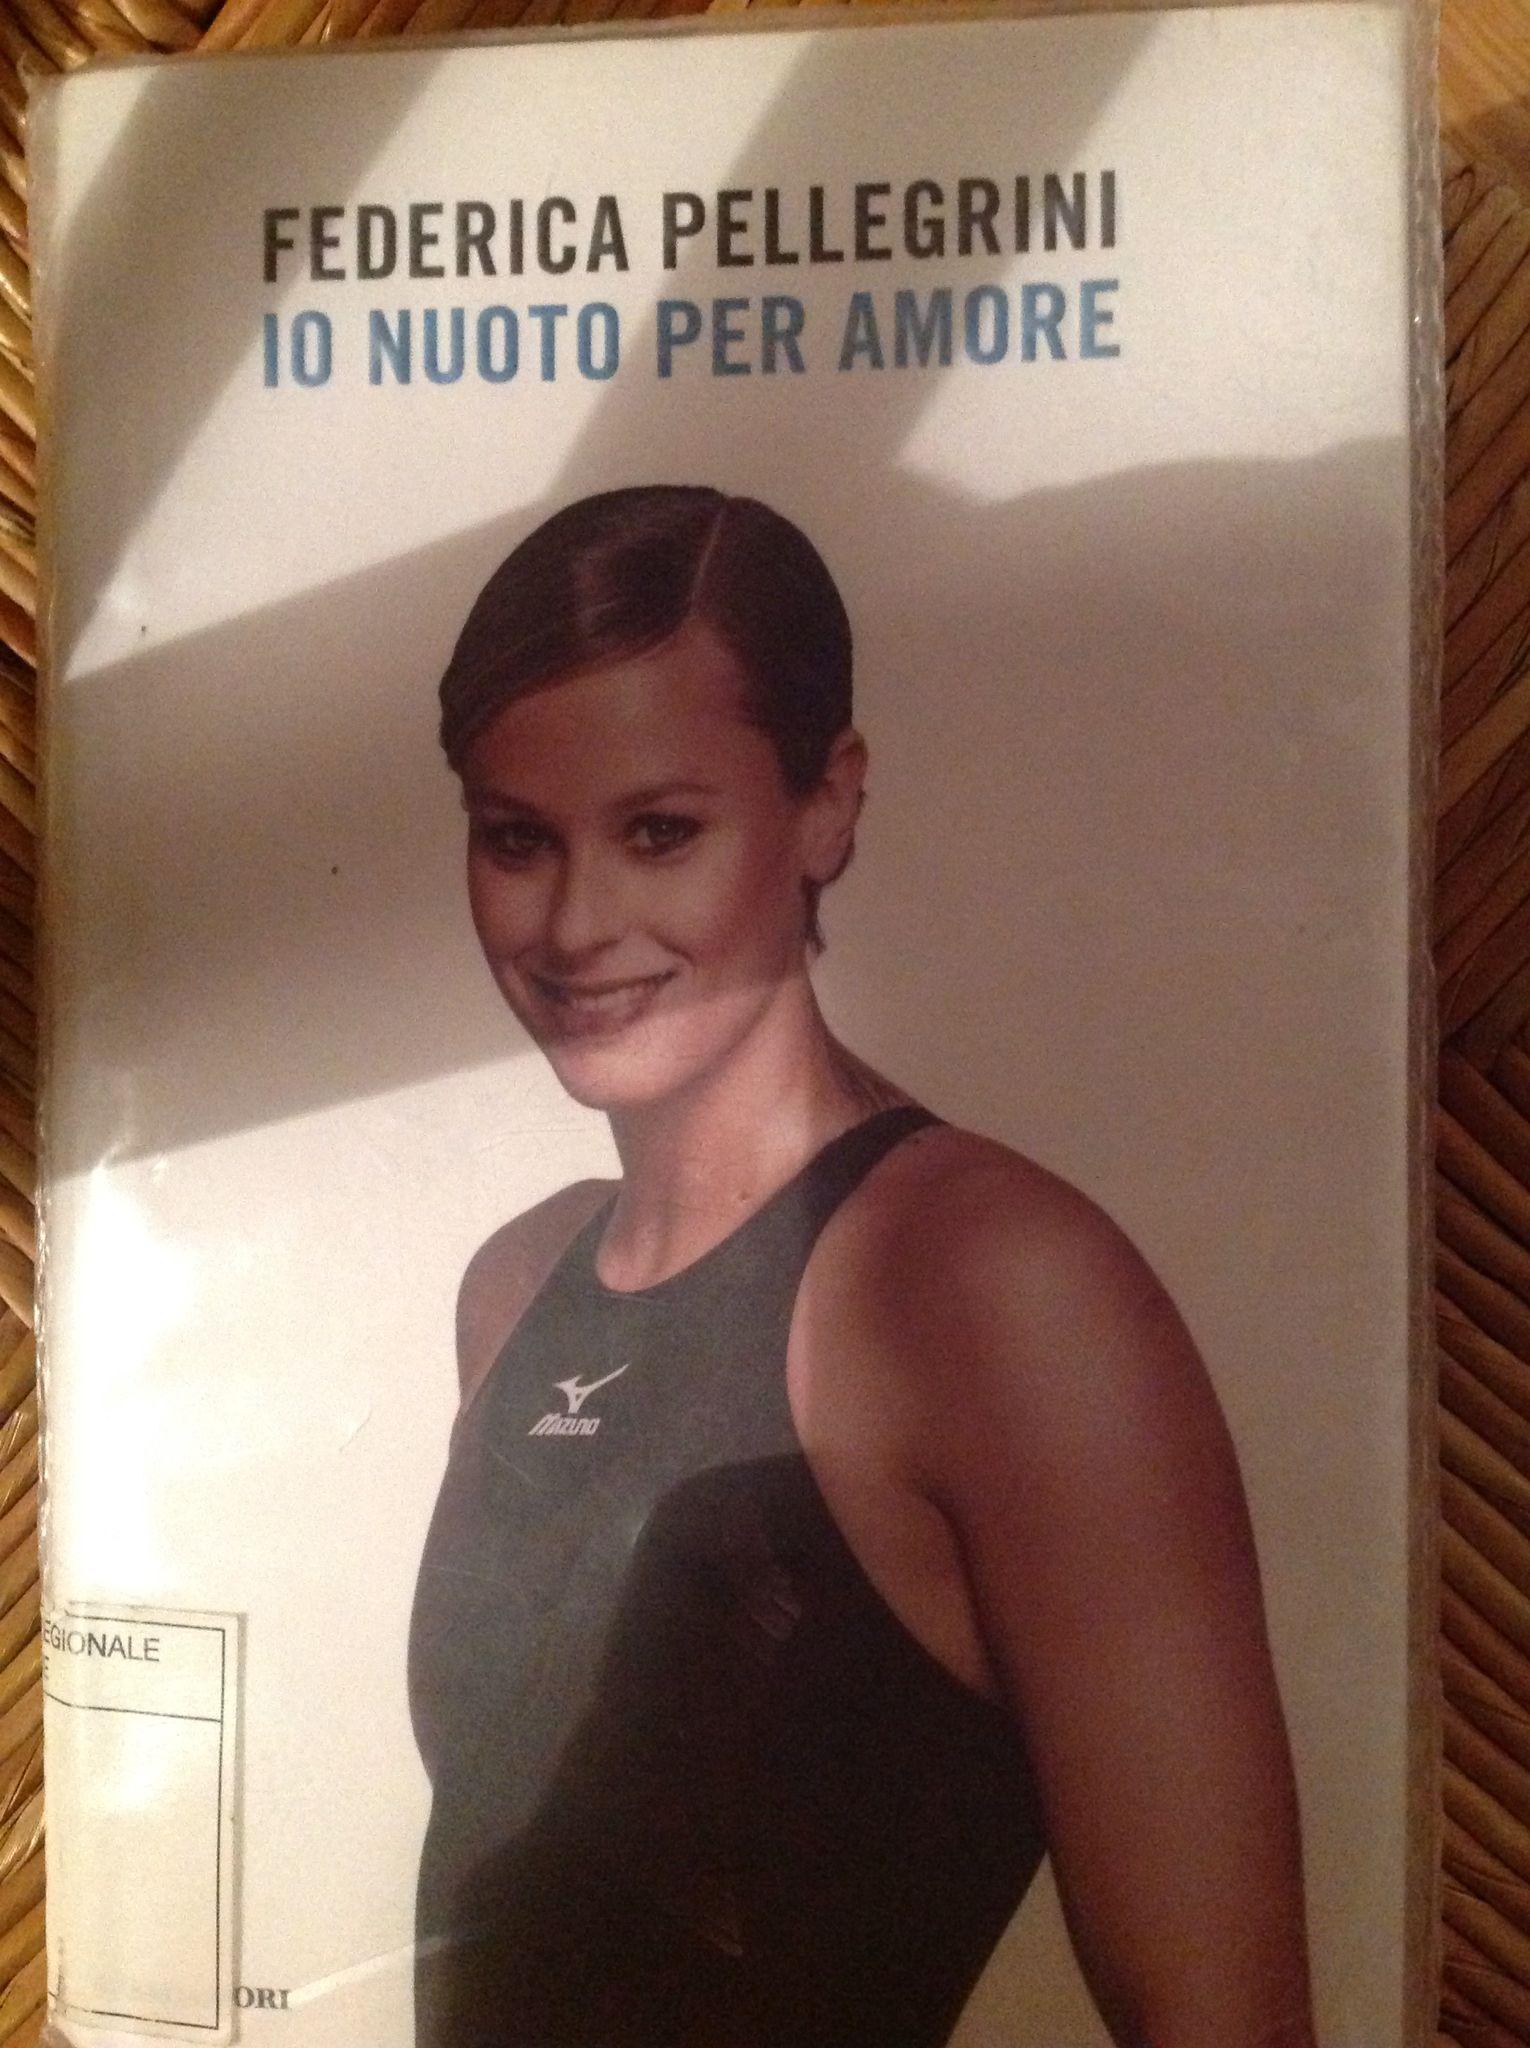 http://www.mammavvocato.blogspot.it/2015/10/tre-letture-di-fine-estate-molto.html